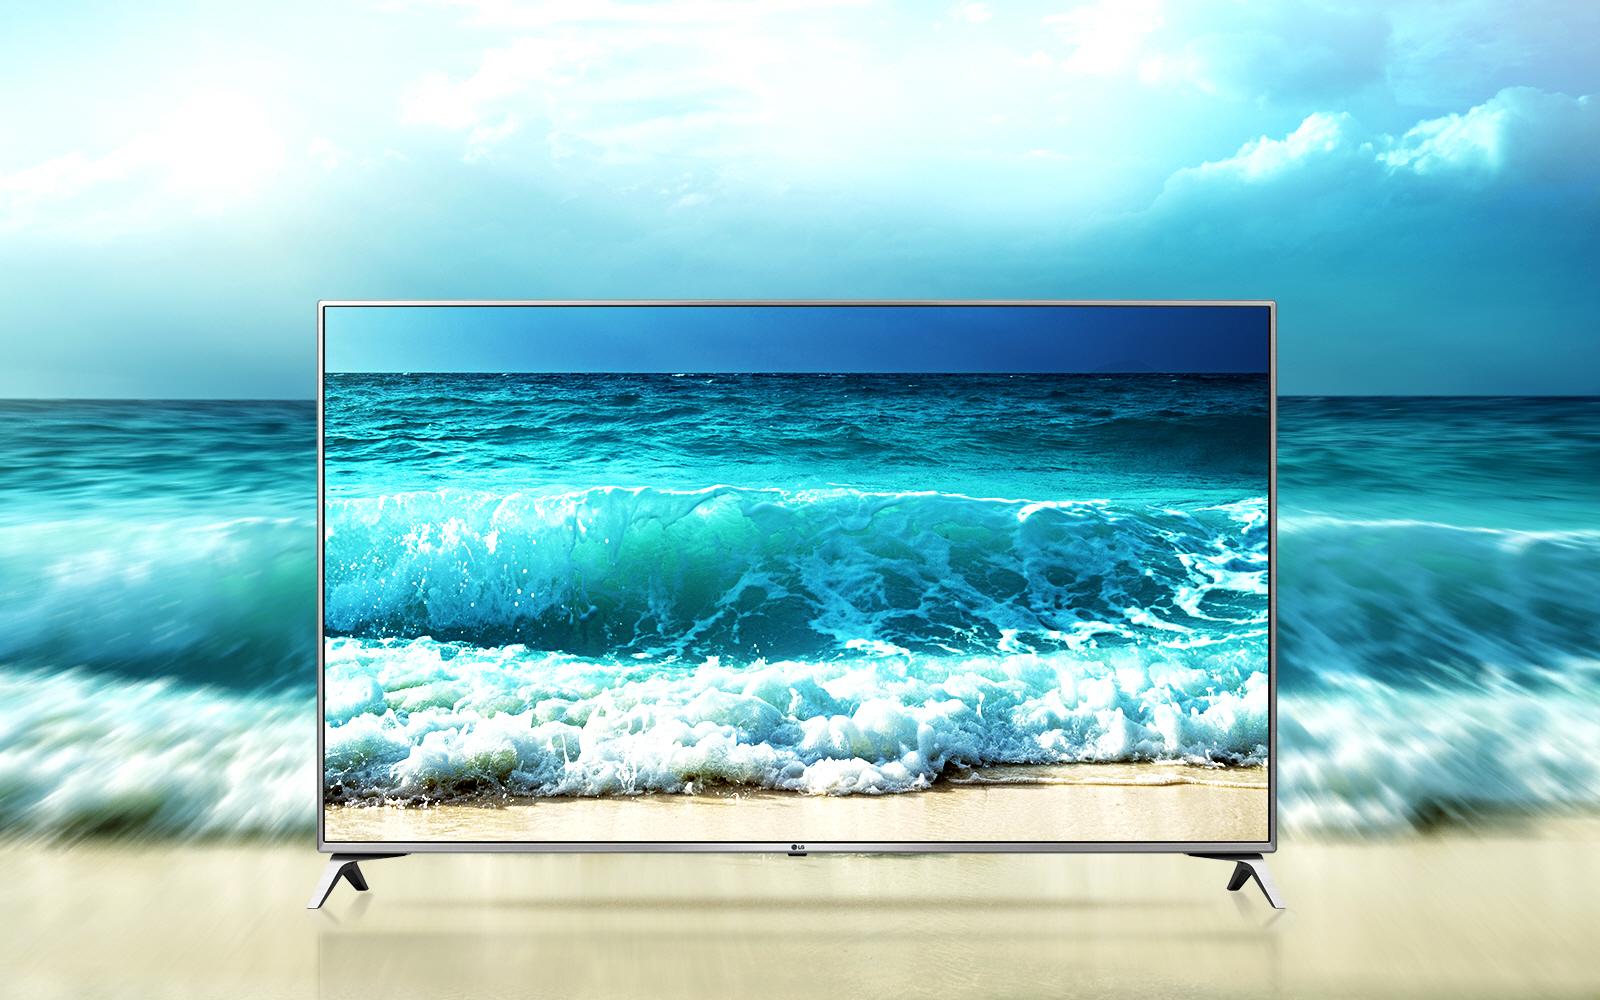 [www.AMAZON.de] LG Electronics 55UJ6519 Fernseher + Gratis LG SJ6 Soundbar  für € 908,18 ~25% Ersparnis zum nächsten Geizhalspreis